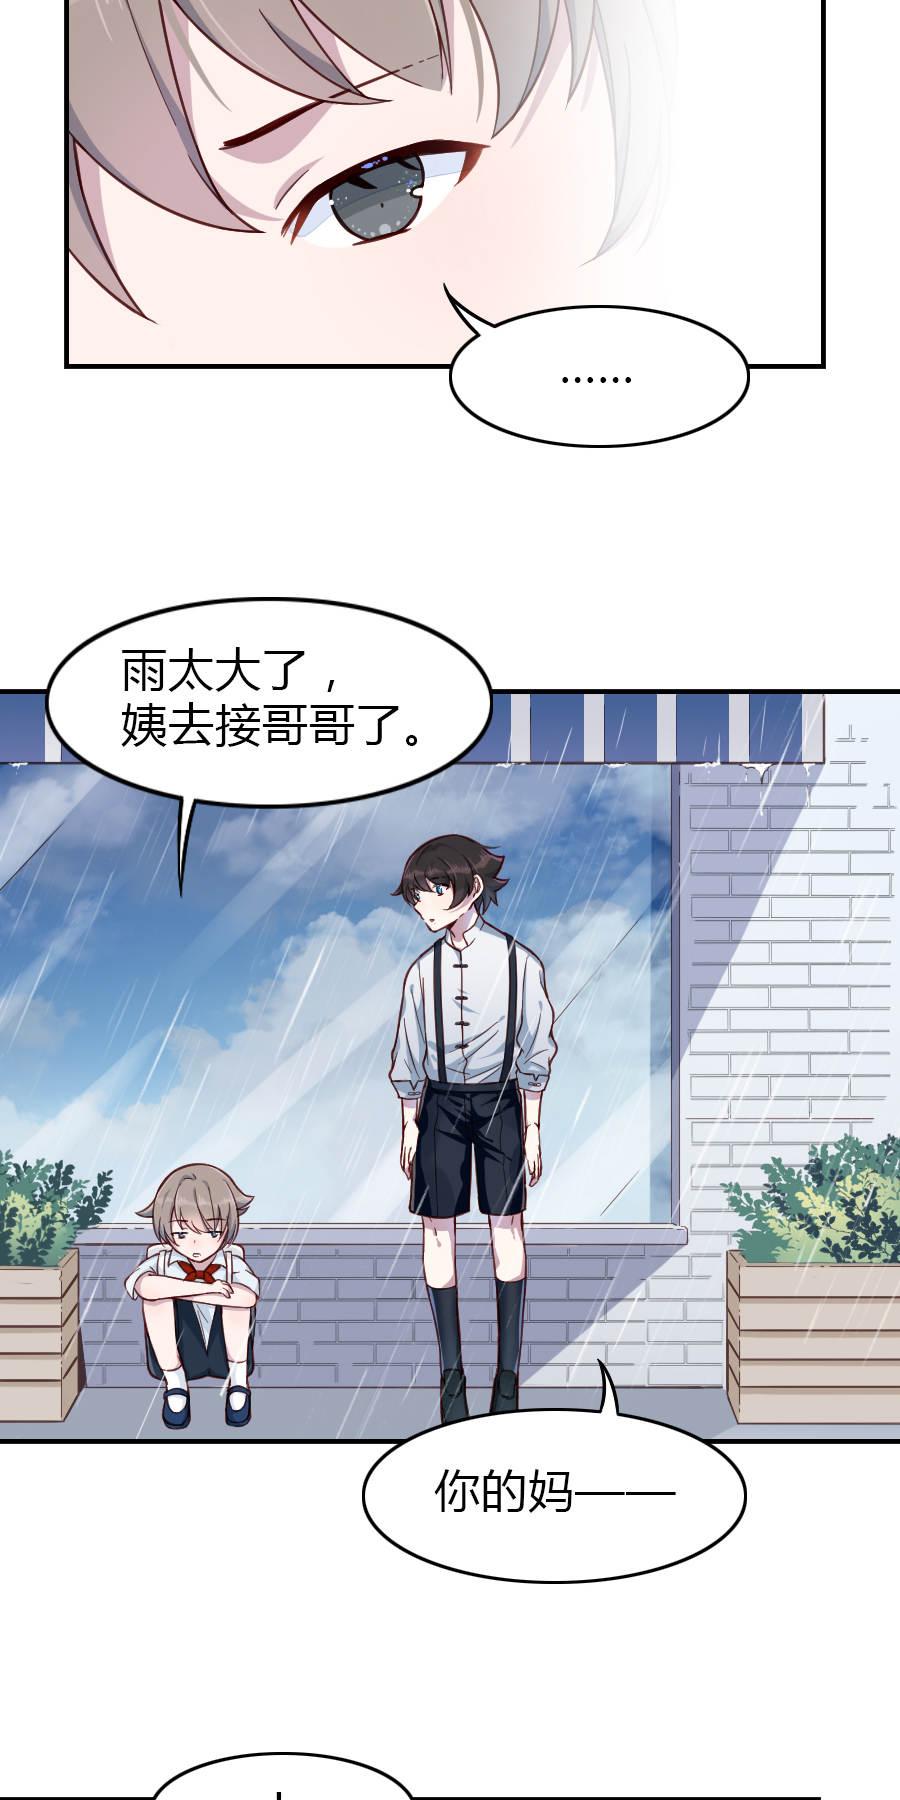 少年游第17话  障妖 正太巧克力 第 12